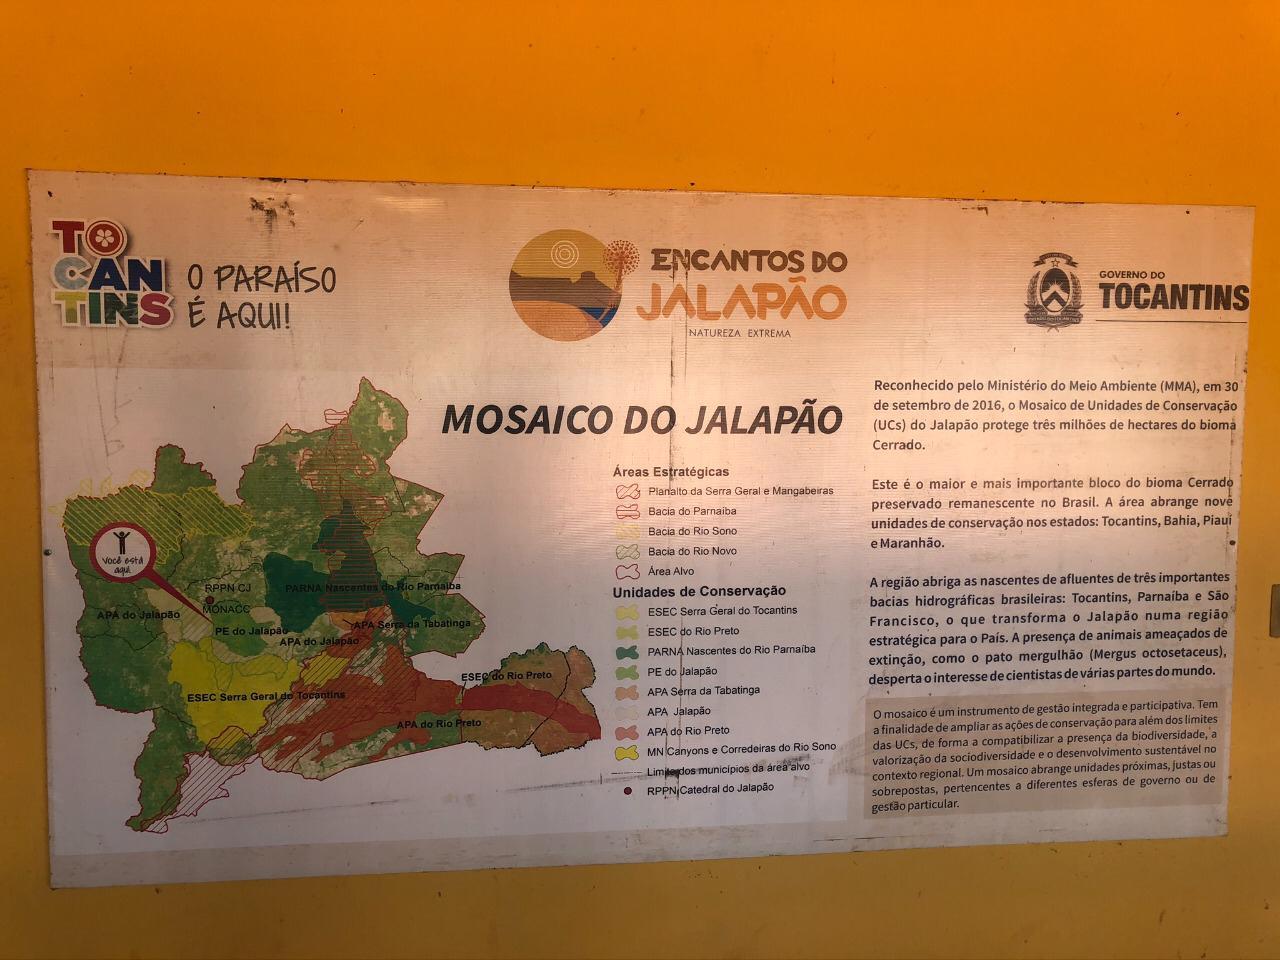 Mapa com Informações sobre os Encantos do Jalapão